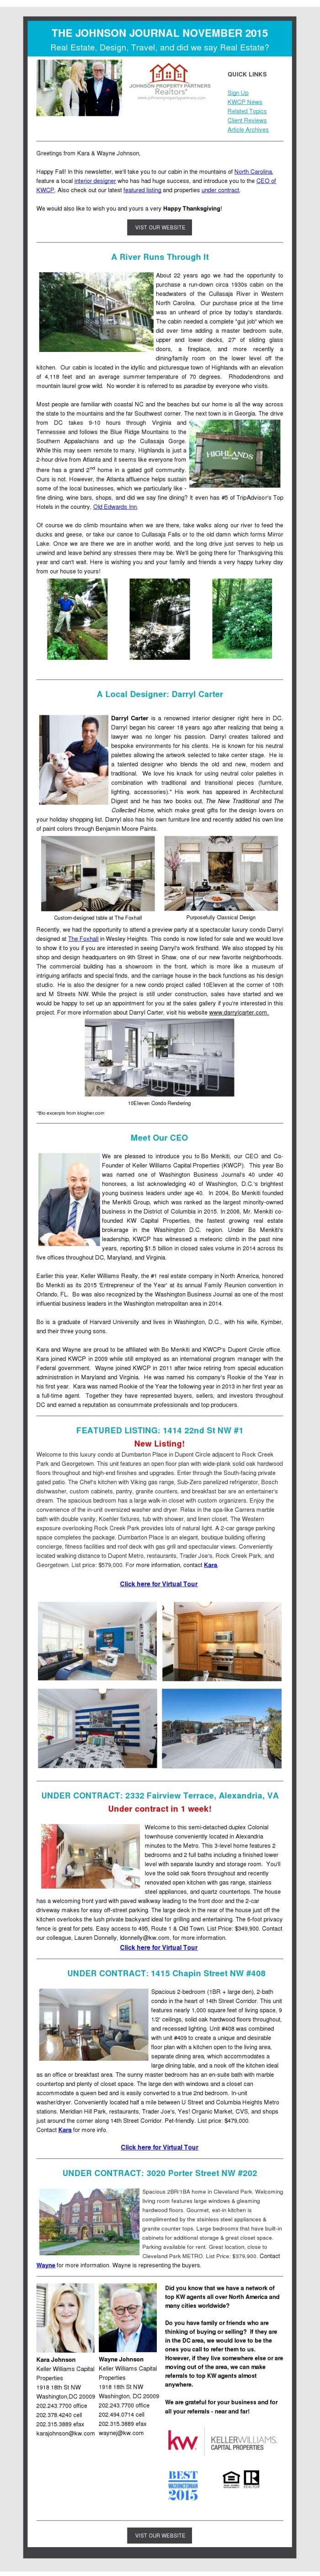 November 2015 Newsletter.jpg